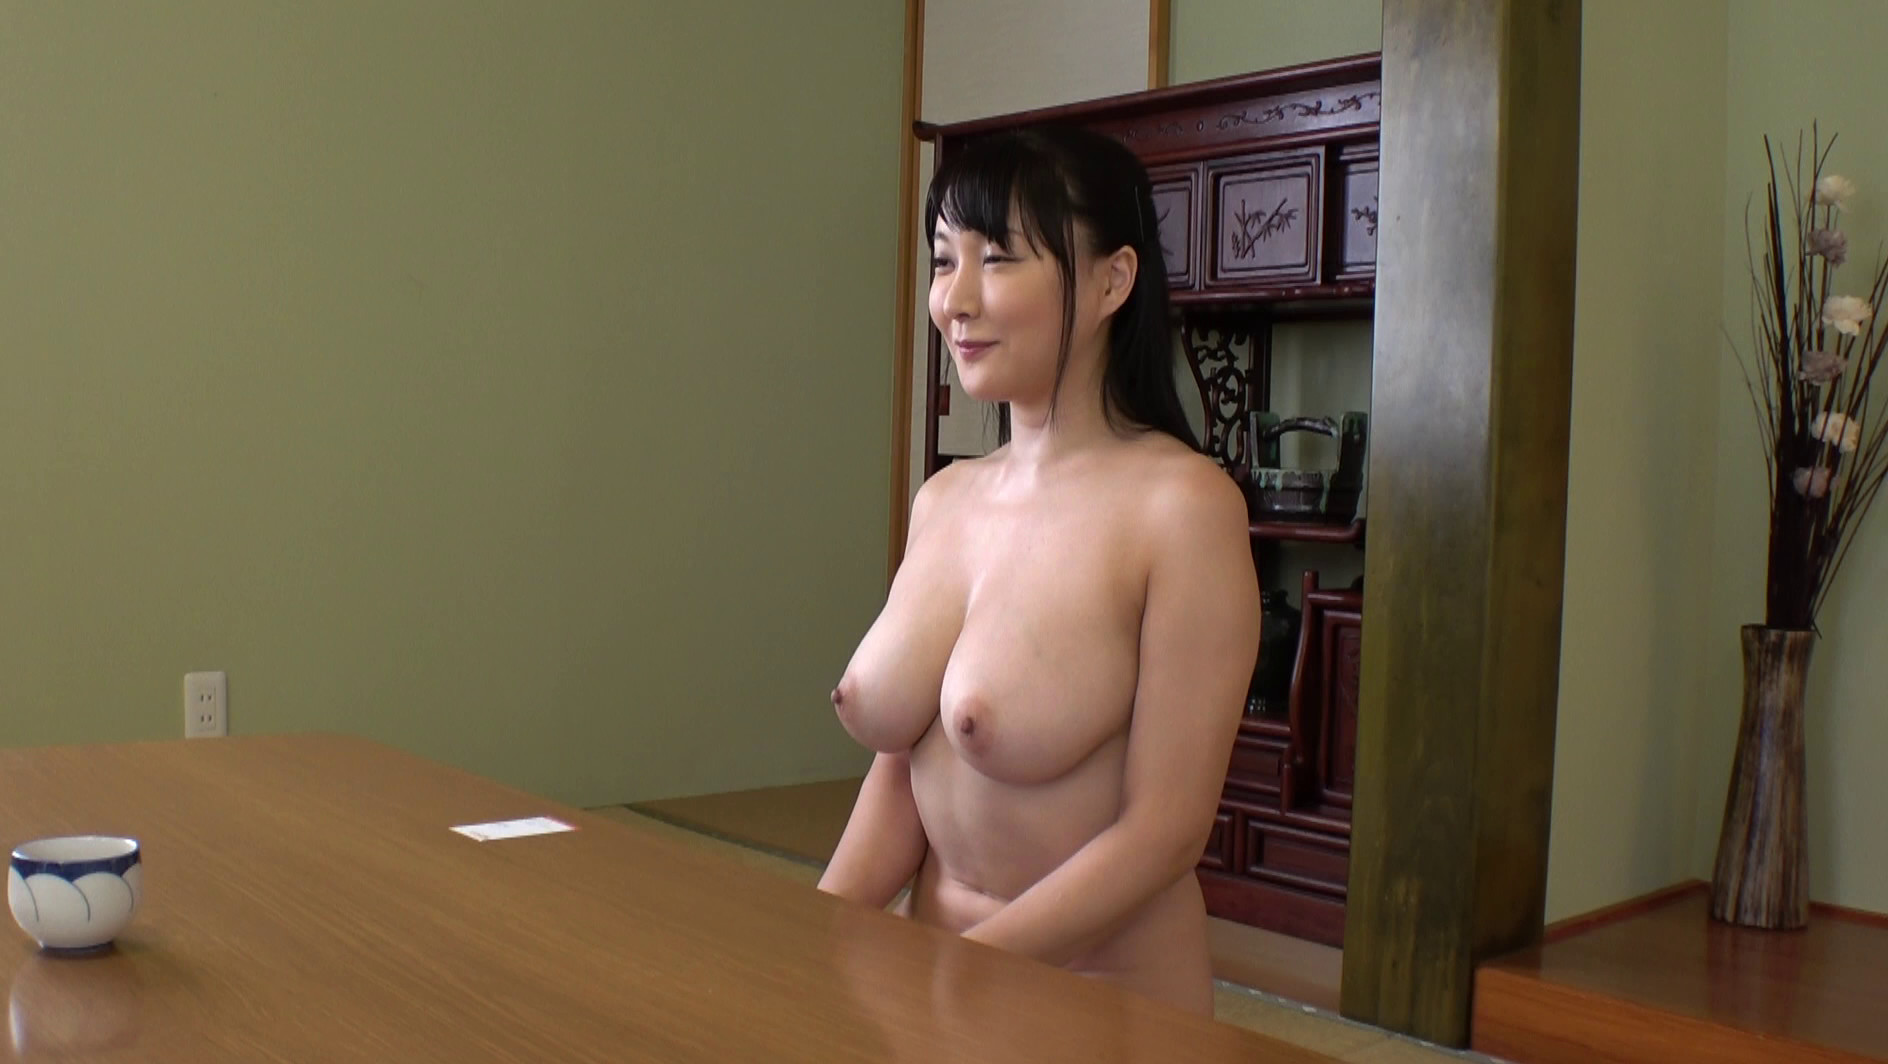 av はだかの主婦 無料サンプル画像 この動画のサンプル画像はクリックで拡大できます。